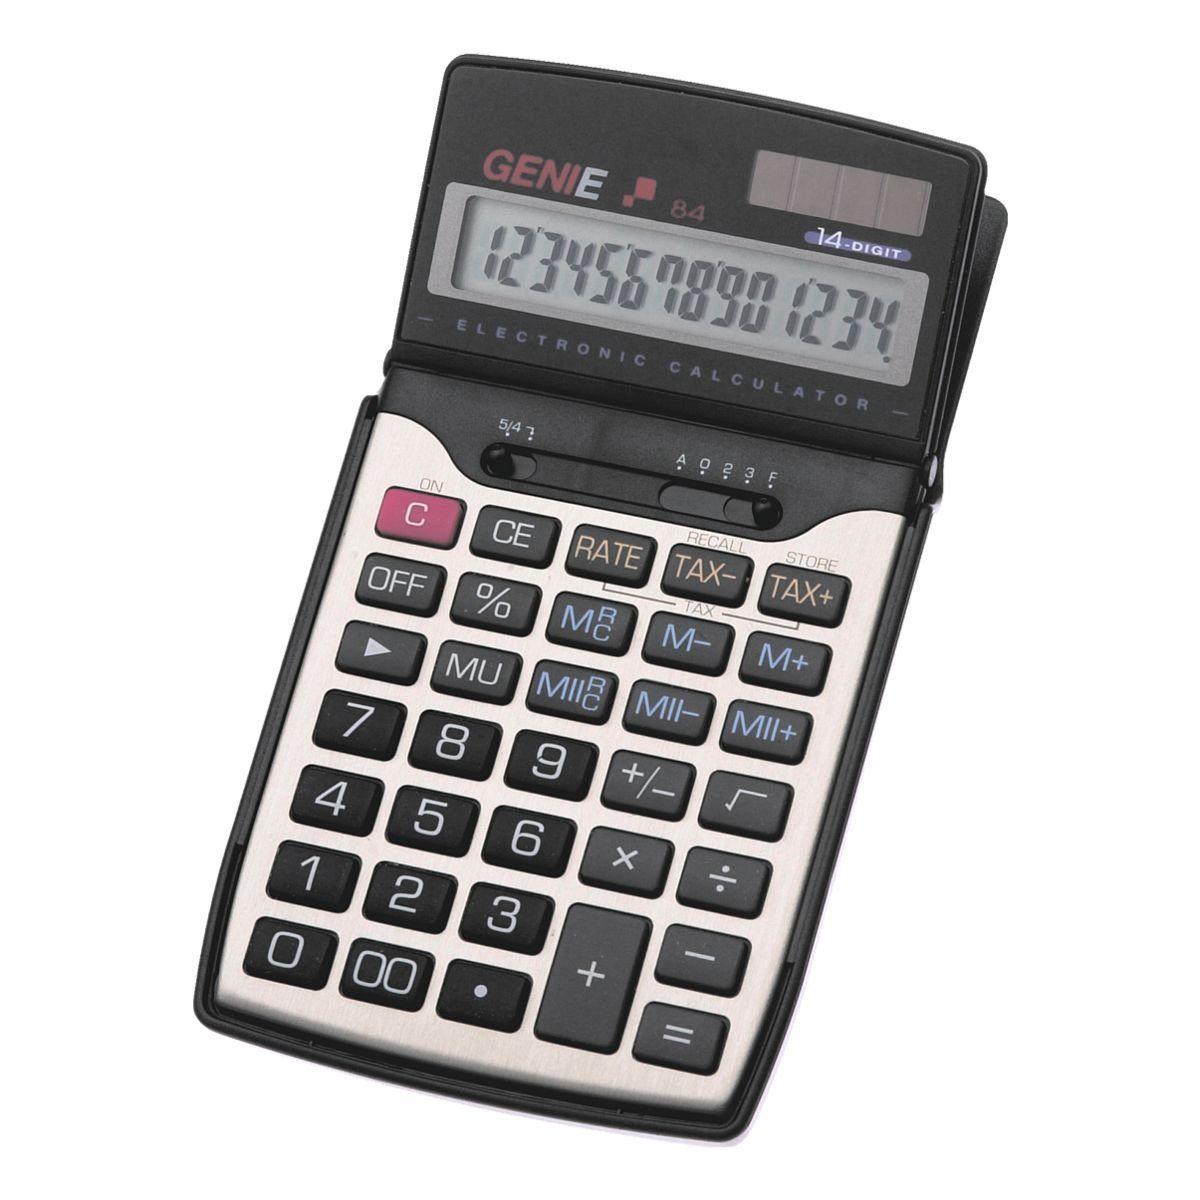 GENIE Taschenrechner »84«